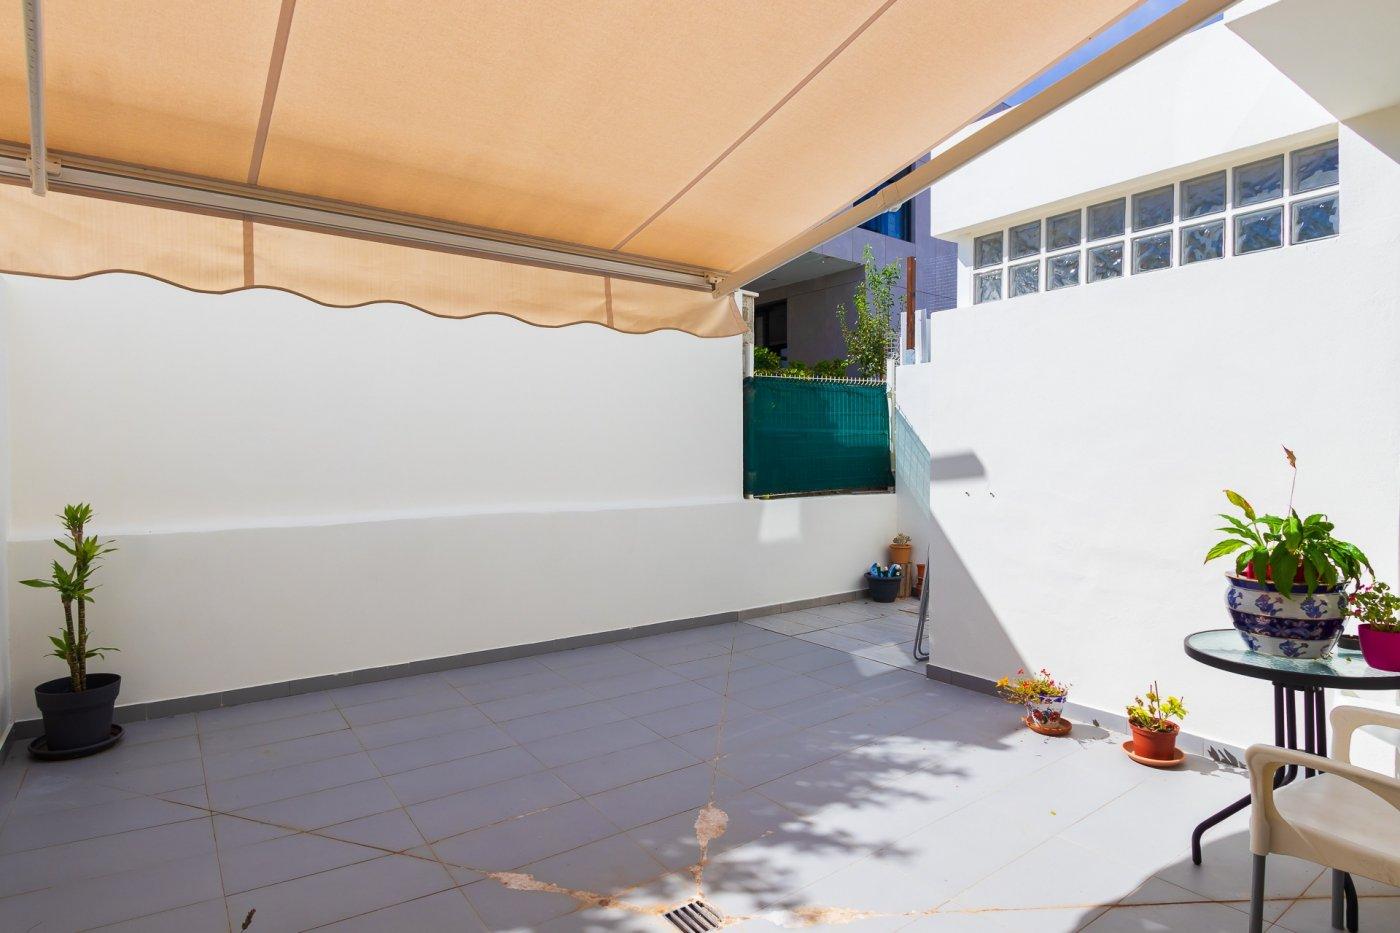 Chalet adosado zona son puig - imagenInmueble30